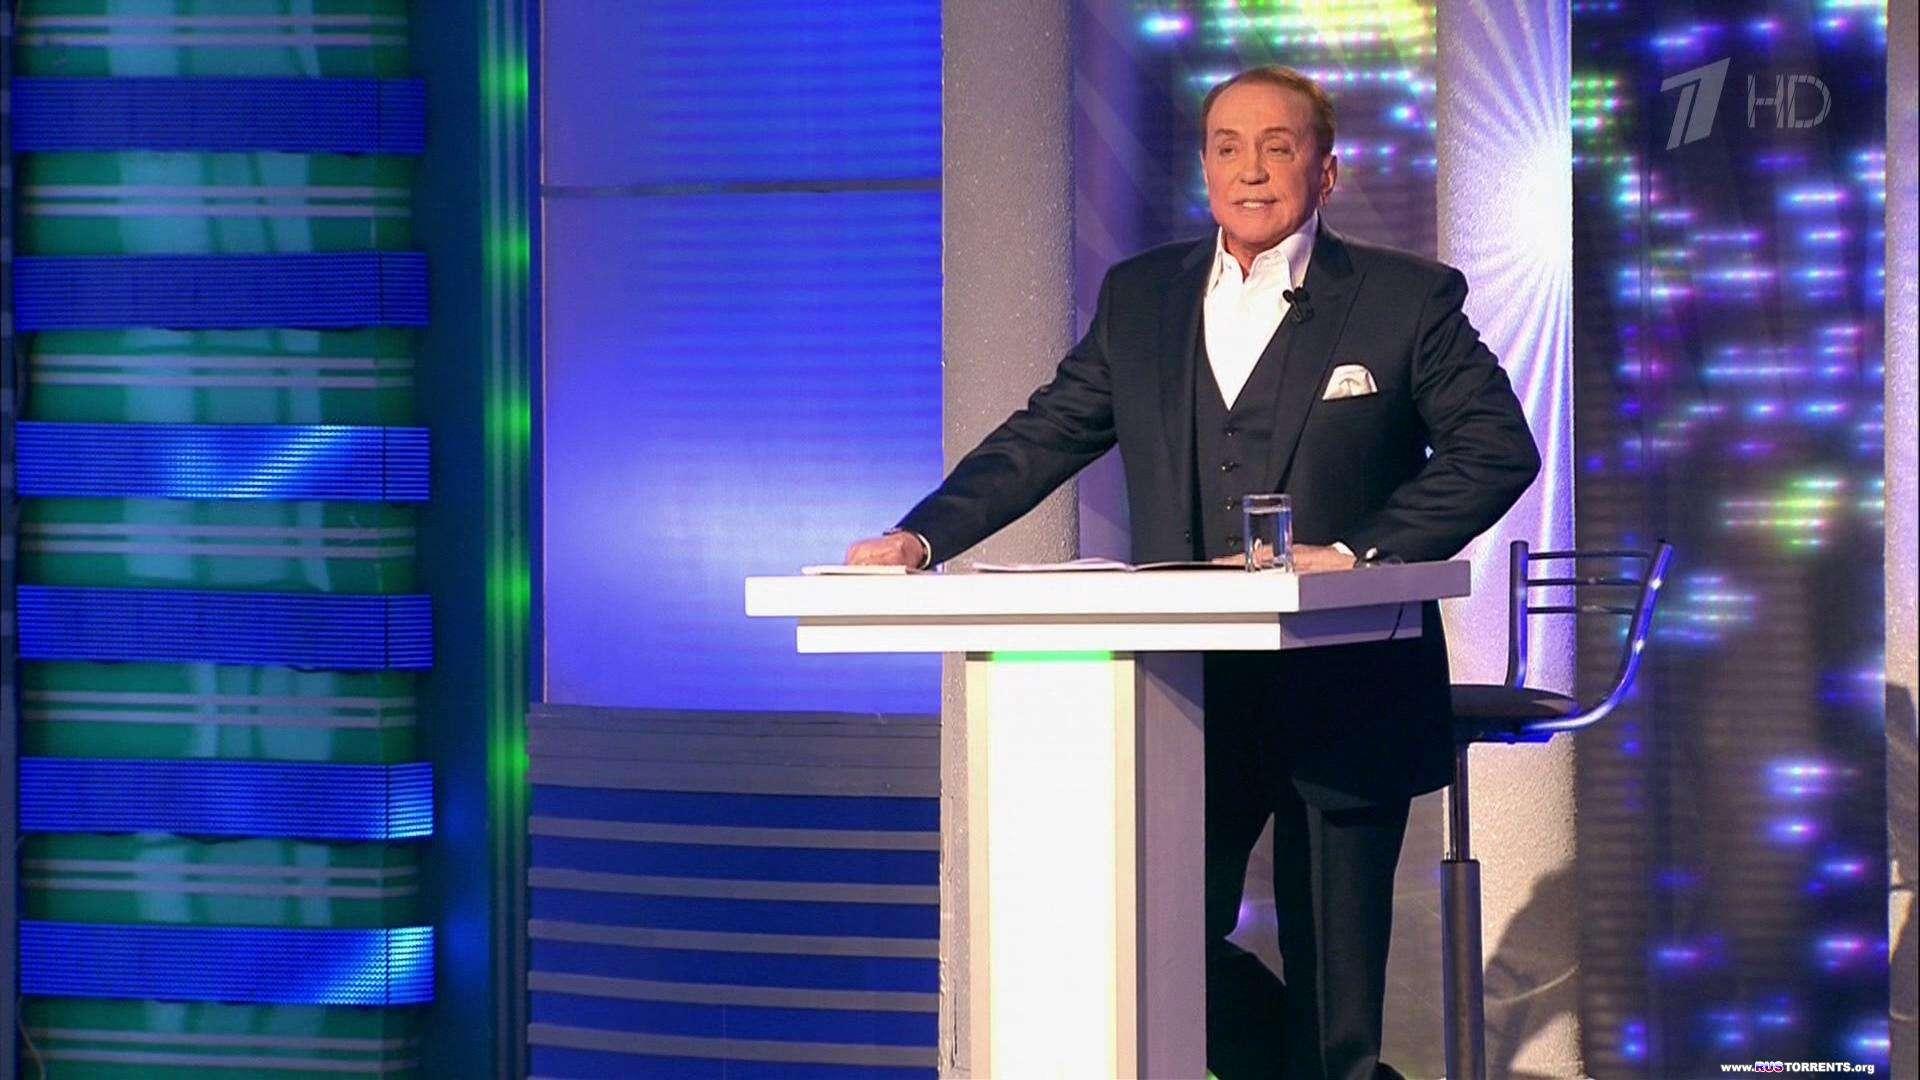 КВН-2014. Высшая лига. Первая игра [эфир 02.03] | HDTV 1080i